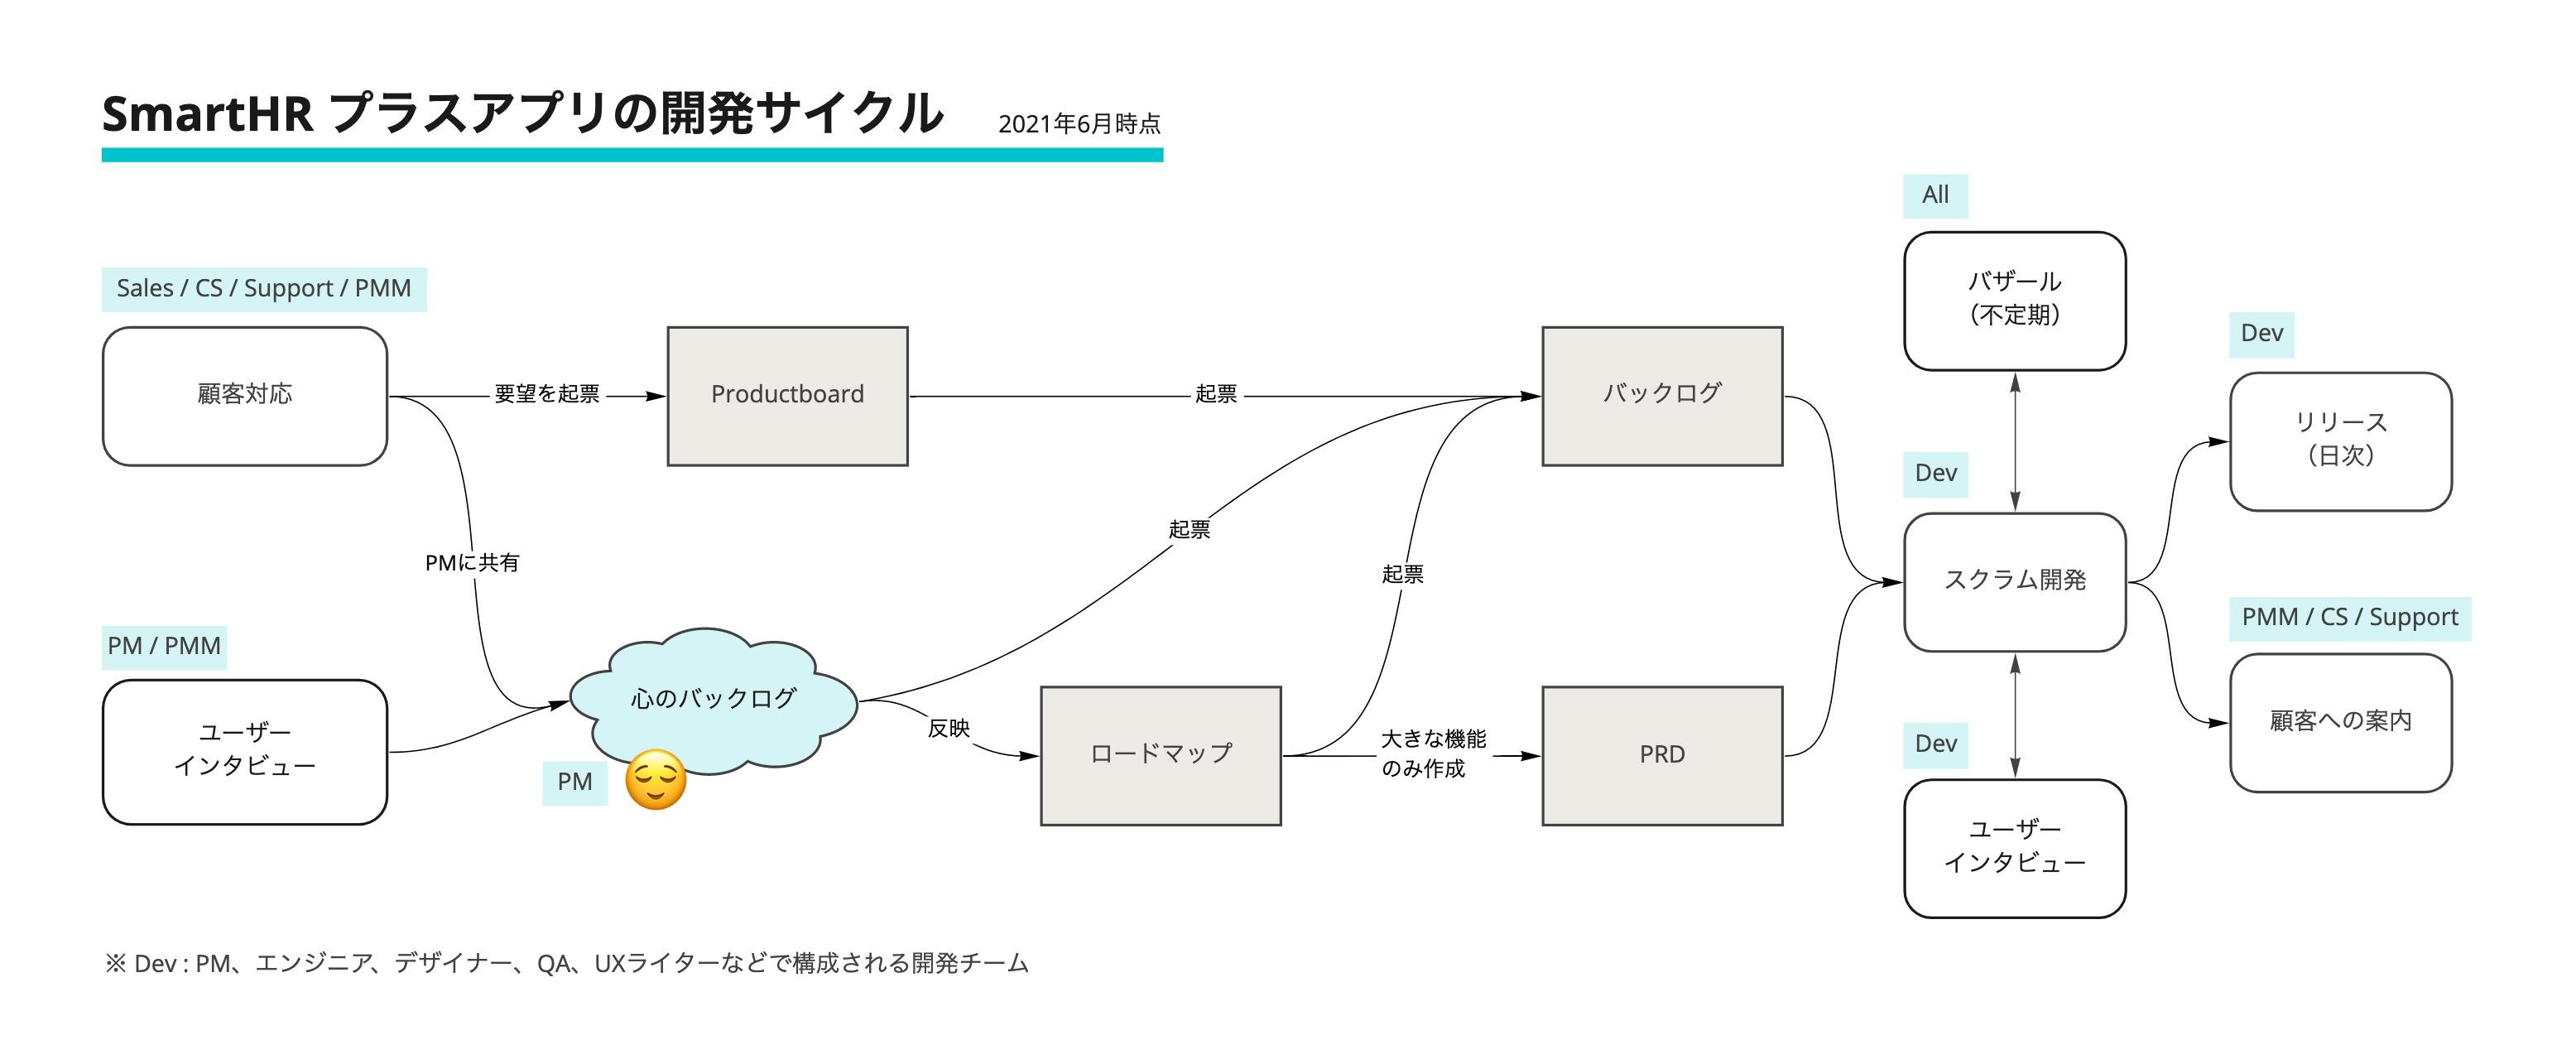 SmartHR本体の開発サイクル